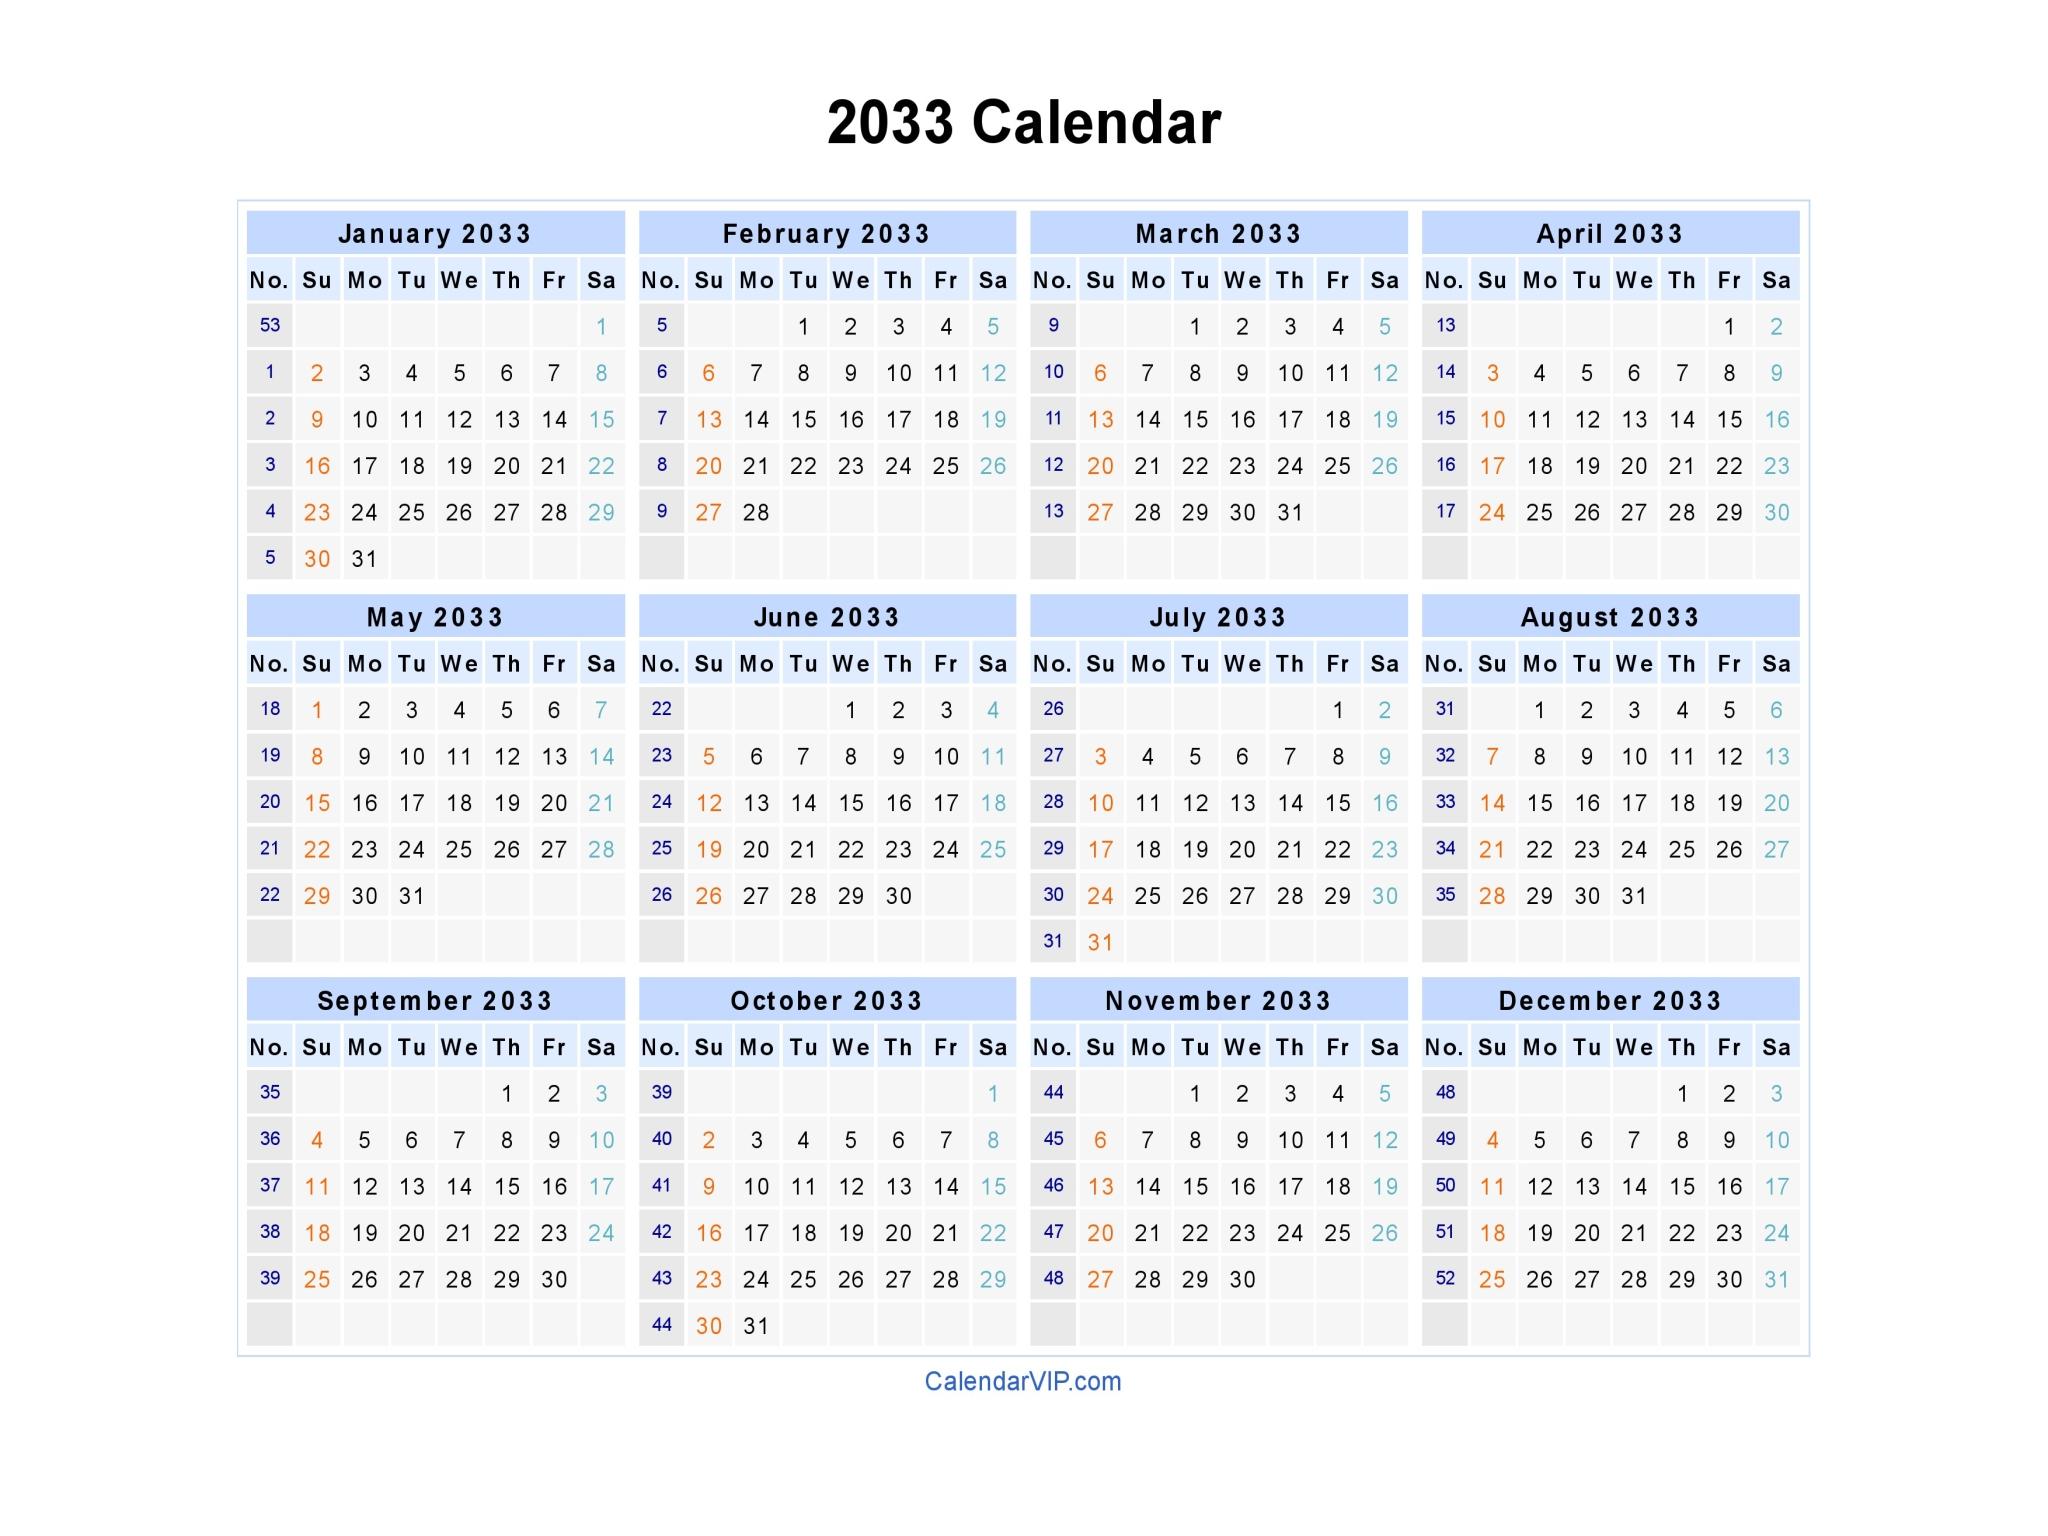 2033 Calendar - Blank Printable Calendar Template in PDF Word Excel